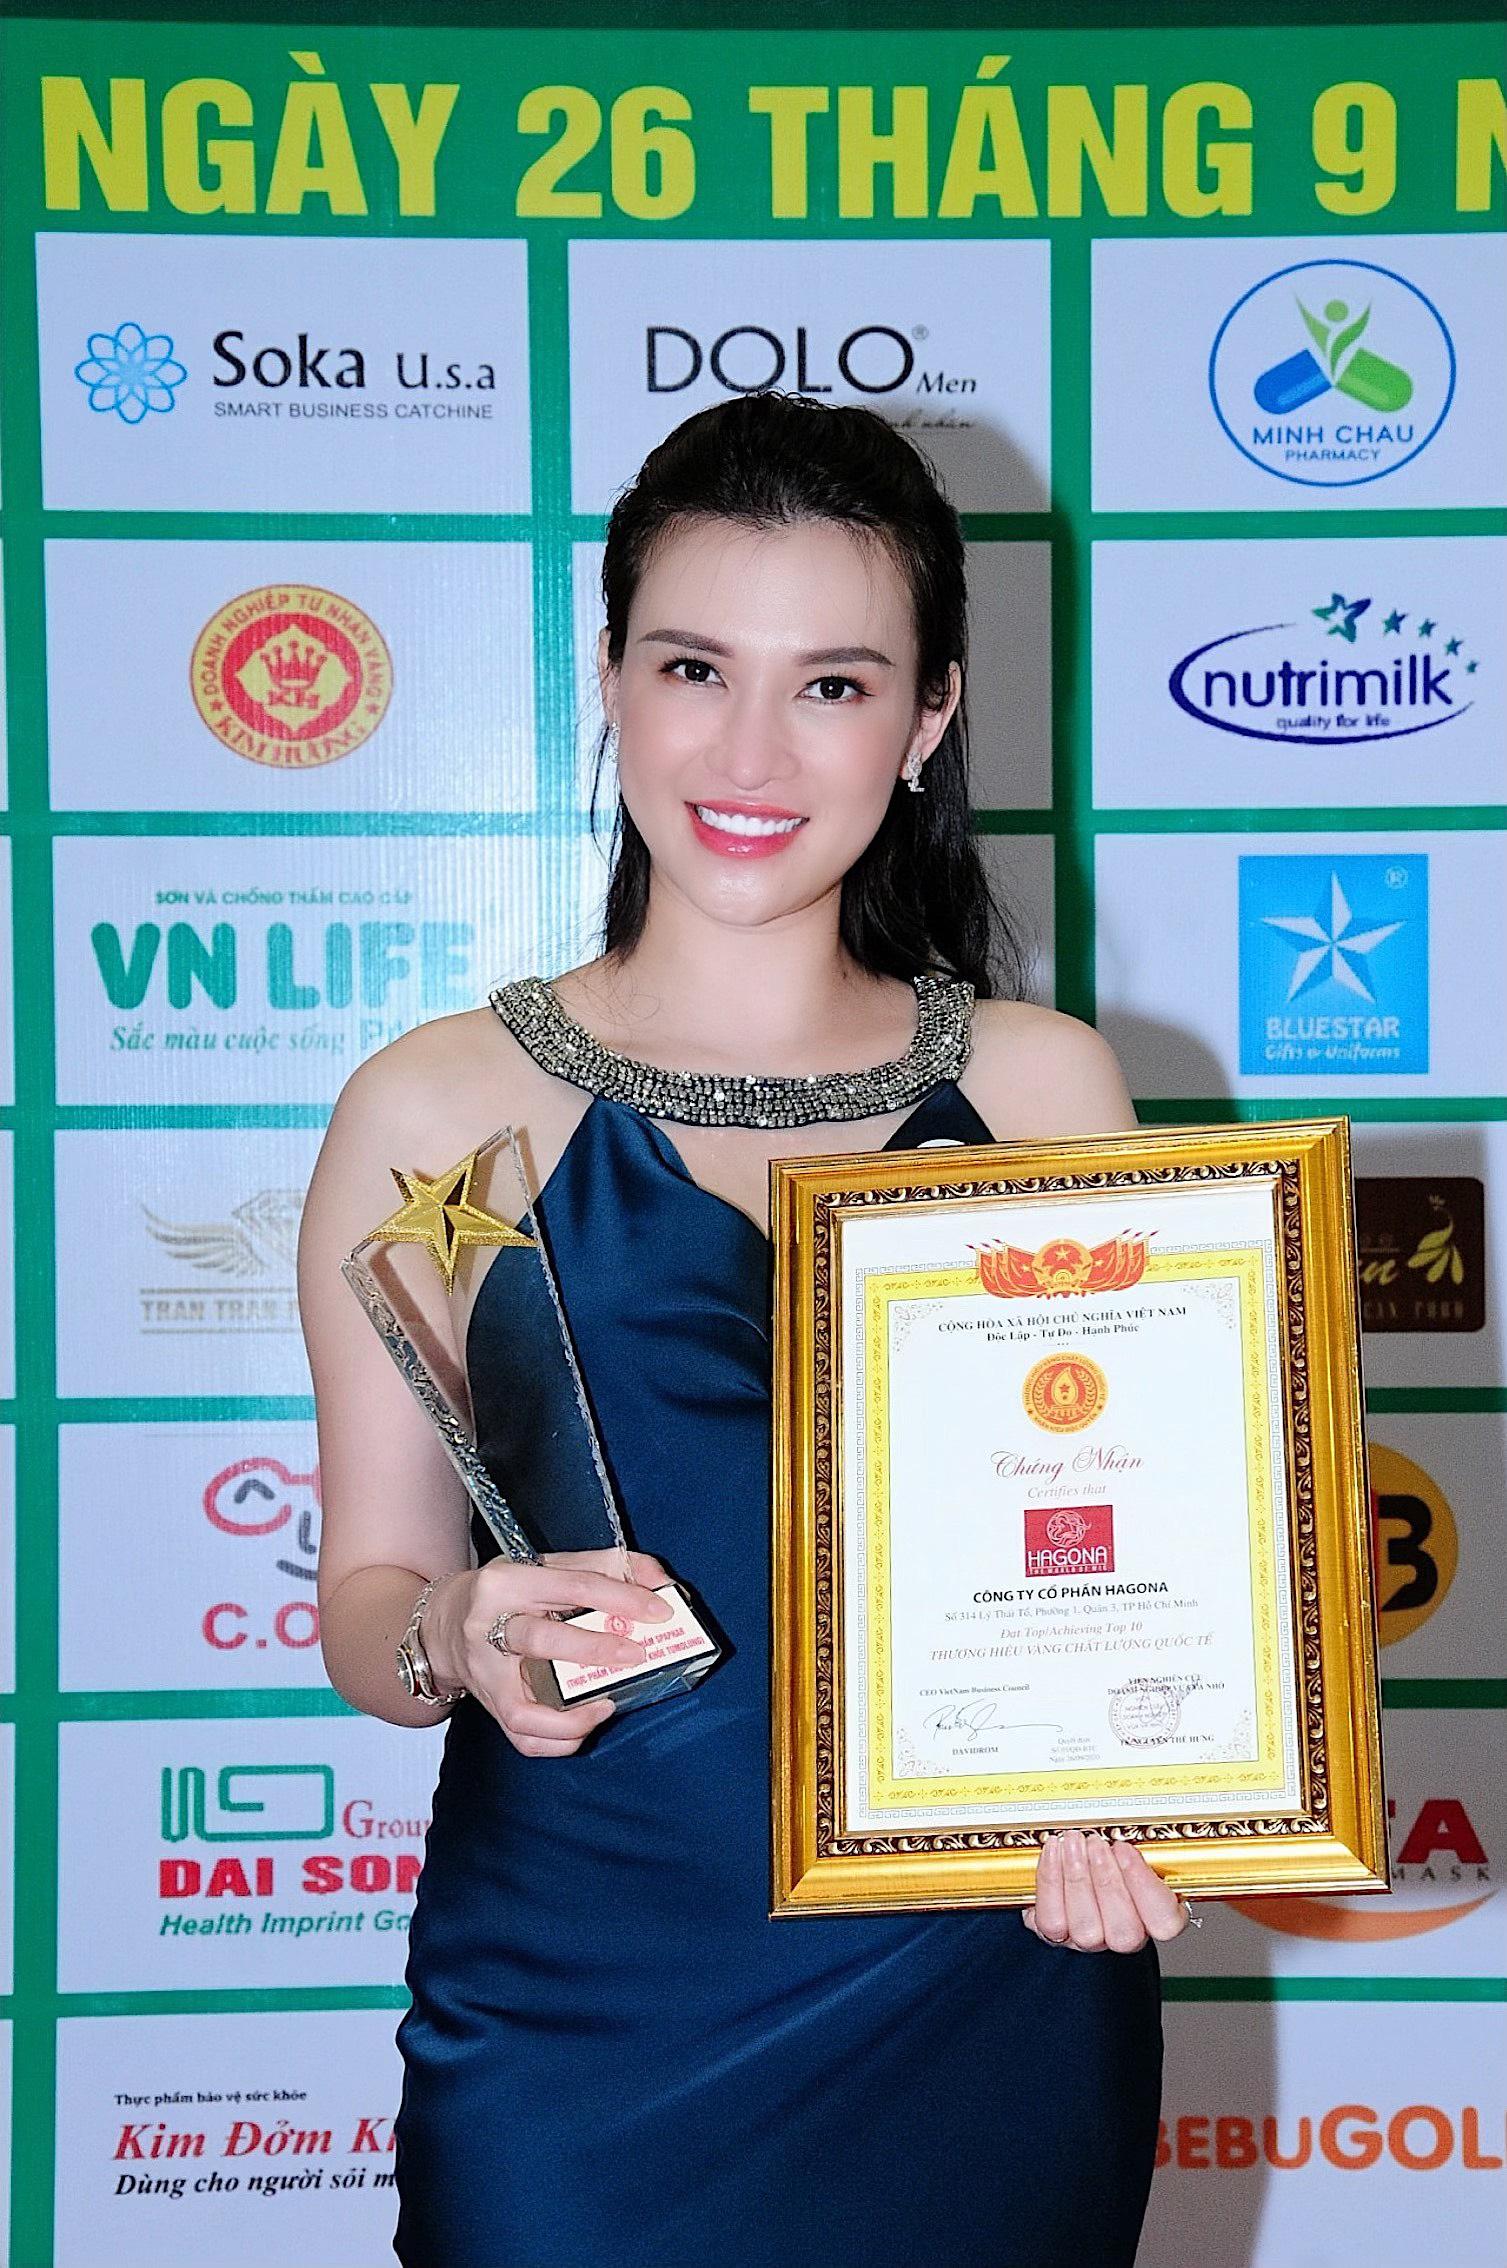 TÓC GIẢ HAGONA xuất sắc nhận chứng chỉ Top 10 thương hiệu vàng chất lượng quốc tế